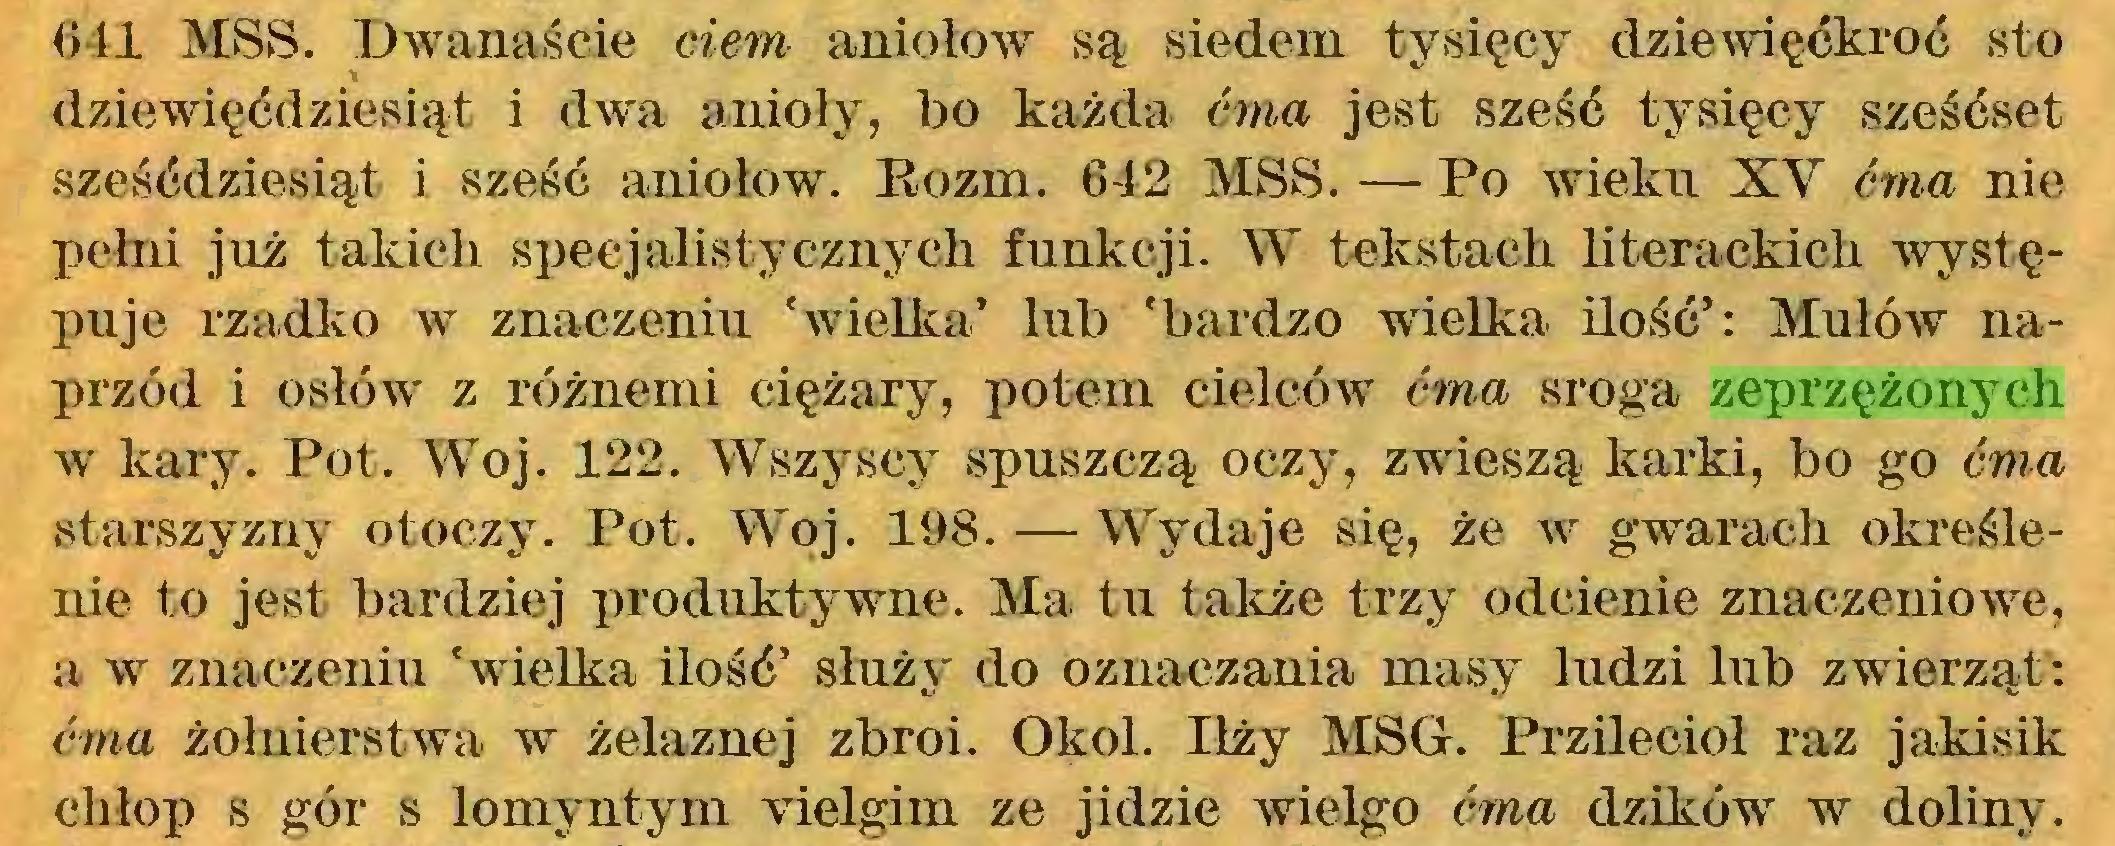 (...) 641 MSS. Dwanaście ciem aniołow są siedem tysięcy dziewięćkroć sto dziewięćdziesiąt i dwa anioły, bo każda ćma jest sześć tysięcy sześćset sześćdziesiąt i sześć aniołow. Bozm. 642 MSS. — Po wieku XV ćma nie pełni już takich specjalistycznych funkcji. W tekstach literackich występuje rzadko w znaczeniu 'wielka' lub 'bardzo wielka ilość': Mułów naprzód i osłów z różnemi ciężary, potem cielców ćma sroga zeprzężonych w kary. Pot. Woj. 122. Wszyscy spuszczą oczy, zwieszą karki, bo go ćma starszyzny otoczy. Pot. Woj. 198. — Wydaje się, że w gwarach określenie to jest bardziej produktywne. Ma tu także trzy odcienie znaczeniowe, a w znaczeniu 'wielka ilość' służy do oznaczania masy ludzi lub zwierząt: ćma żołnierstwa w żelaznej zbroi. Okol. Iłży MSG. Przilecioł raz jakisik chłop s gór s lomyntym vielgim ze jidzie wielgo ćma dzików w doliny...